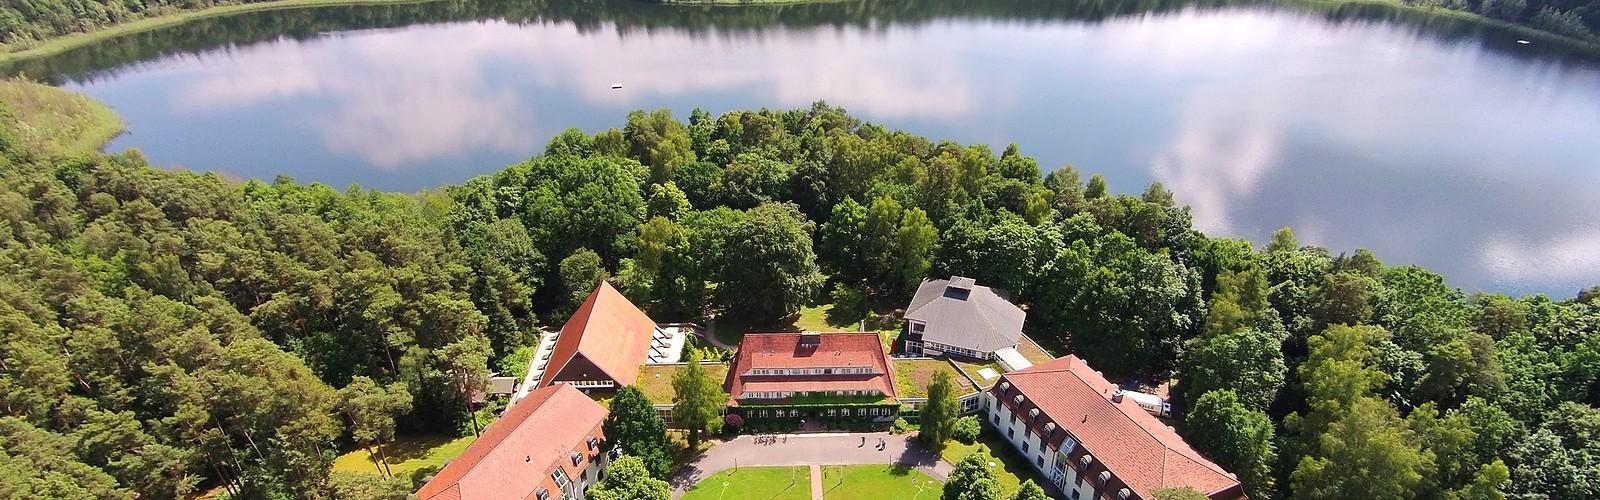 Aerial view, photo: Hotel Döllnsee-Schorfheide, Foto: Hotel Döllnsee-Schorfheide, Lizenz: Hotel Döllnsee-Schorfheide